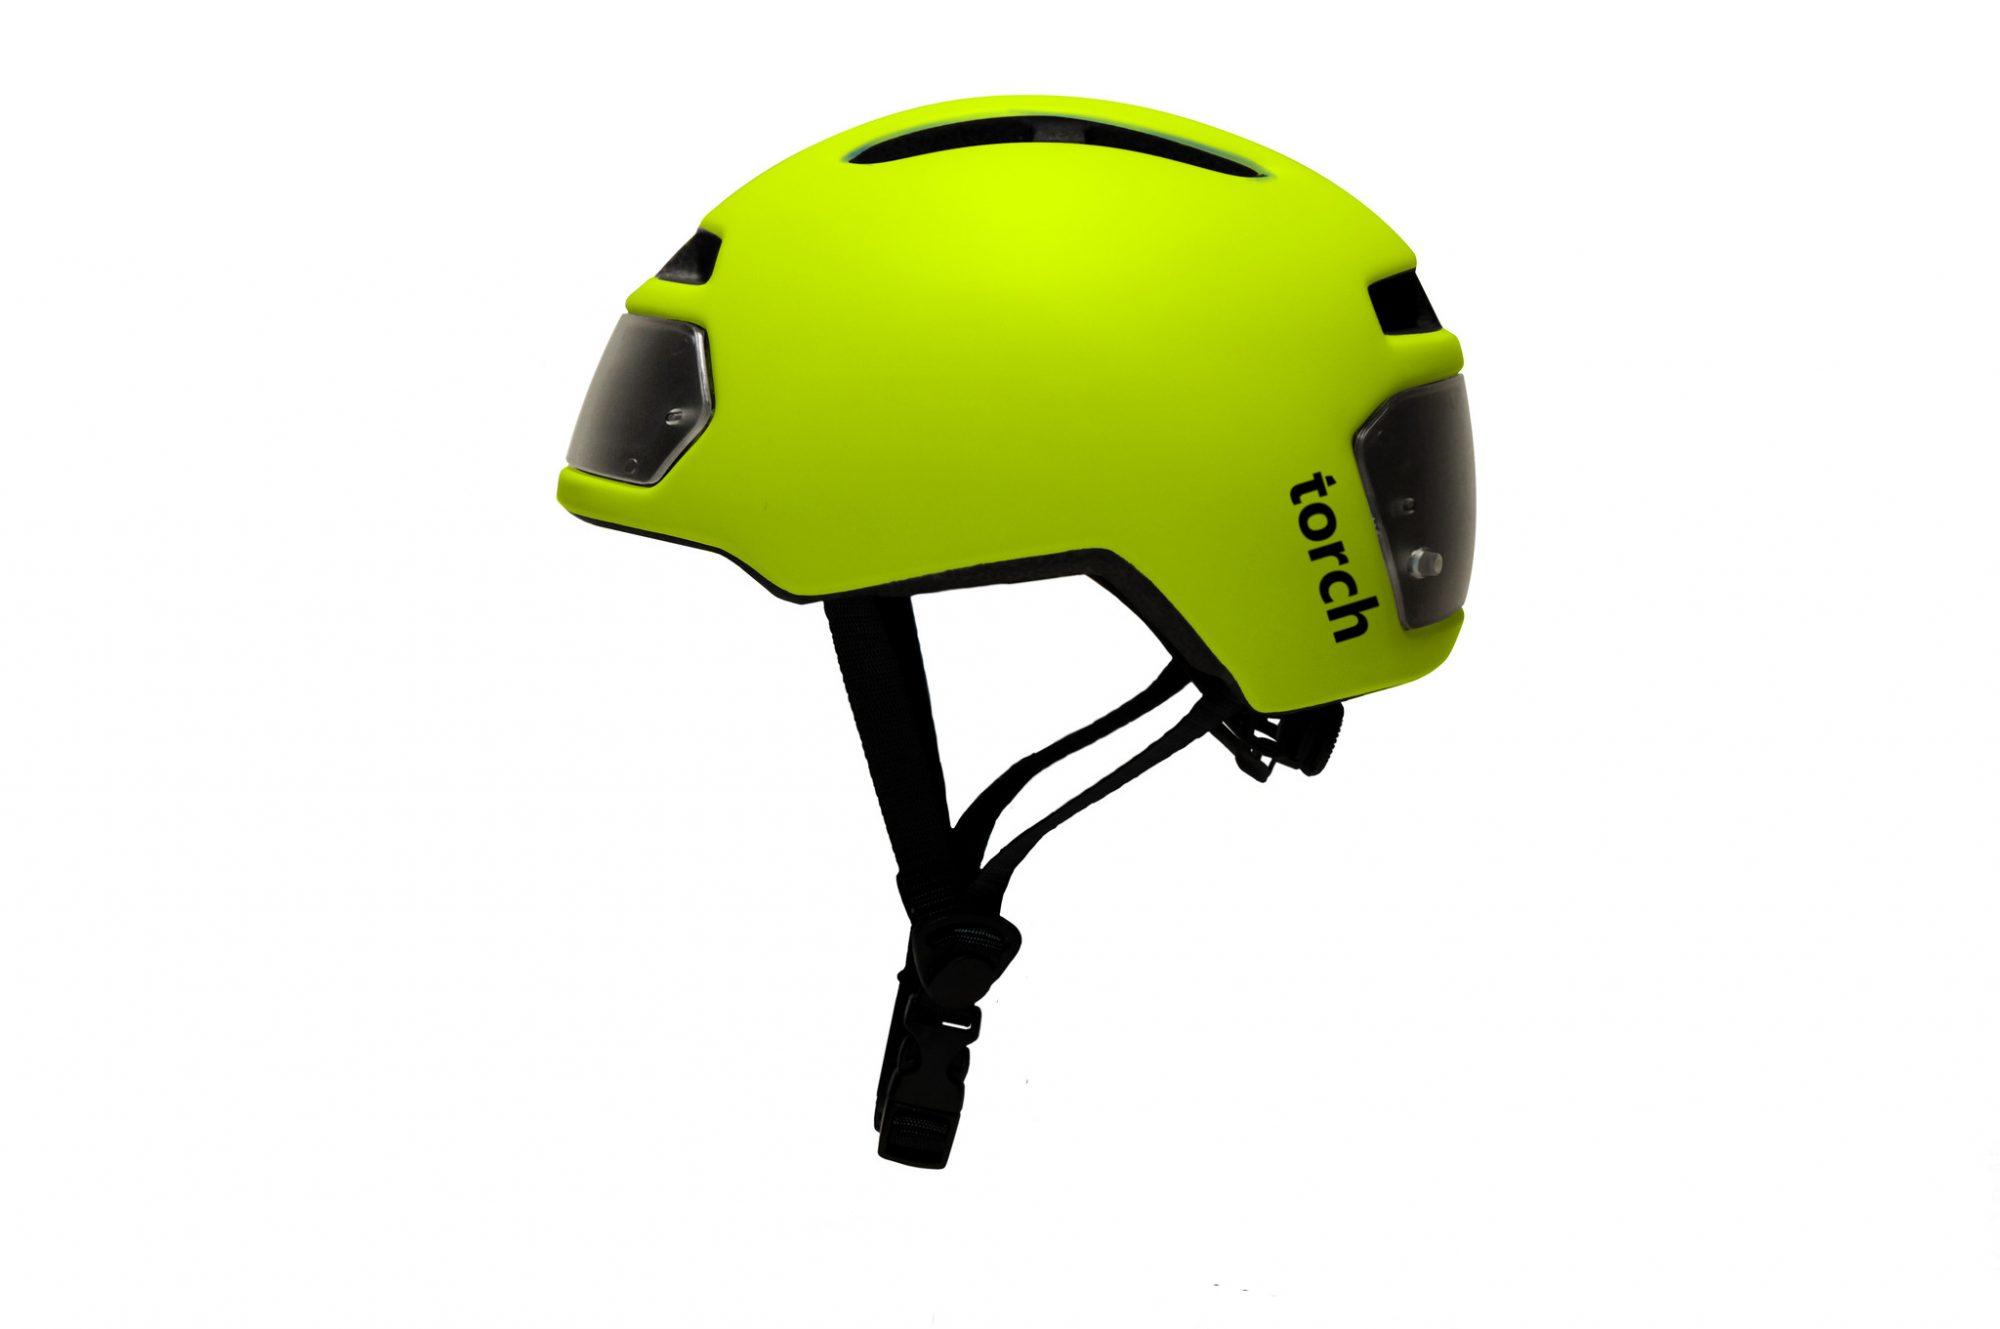 Gele Torch T2 monowheel fietshelm met geïntegreerde voor- en achterverlichting